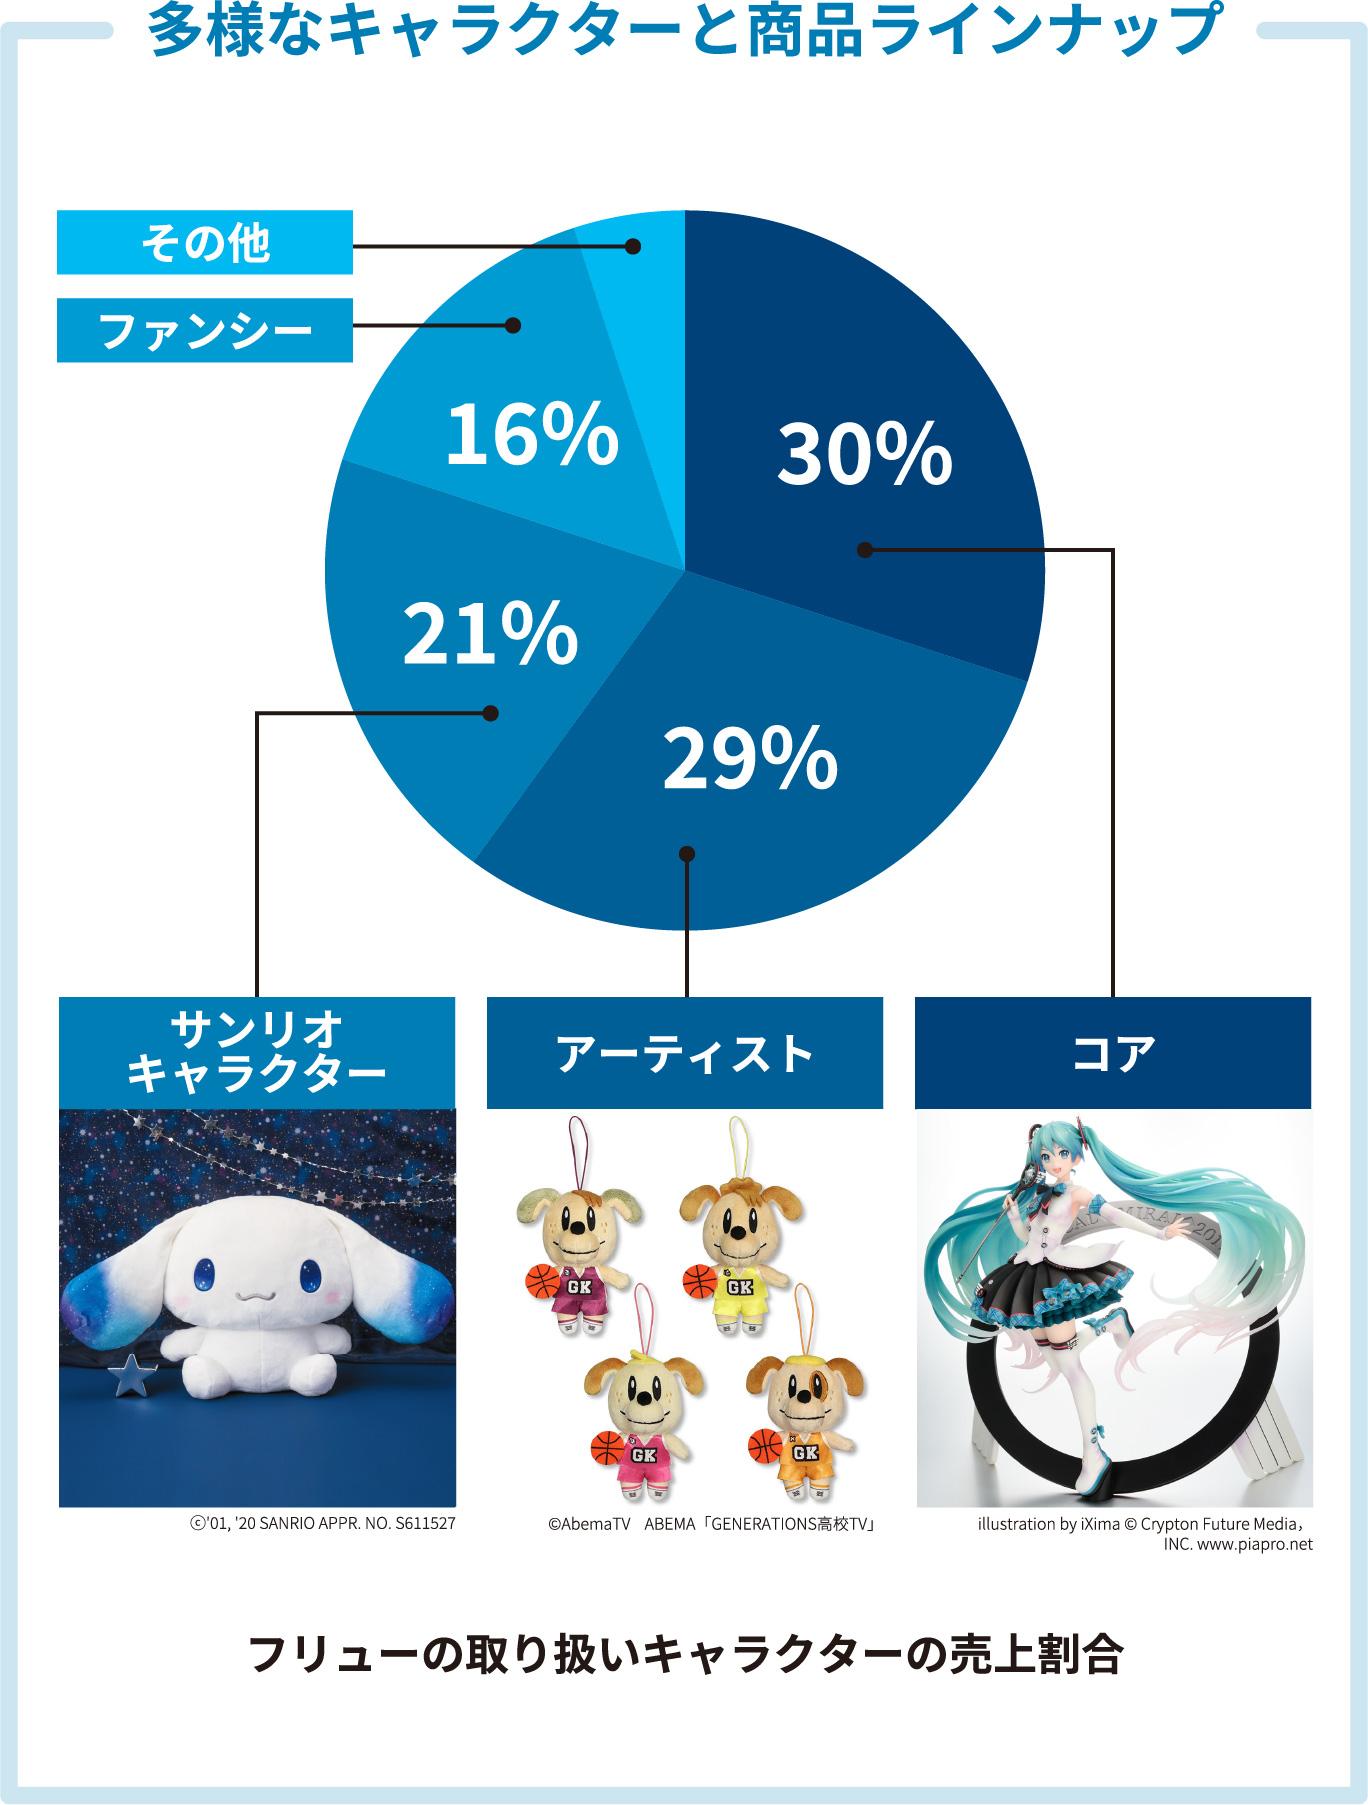 多彩なキャラクターと商品ラインナップ